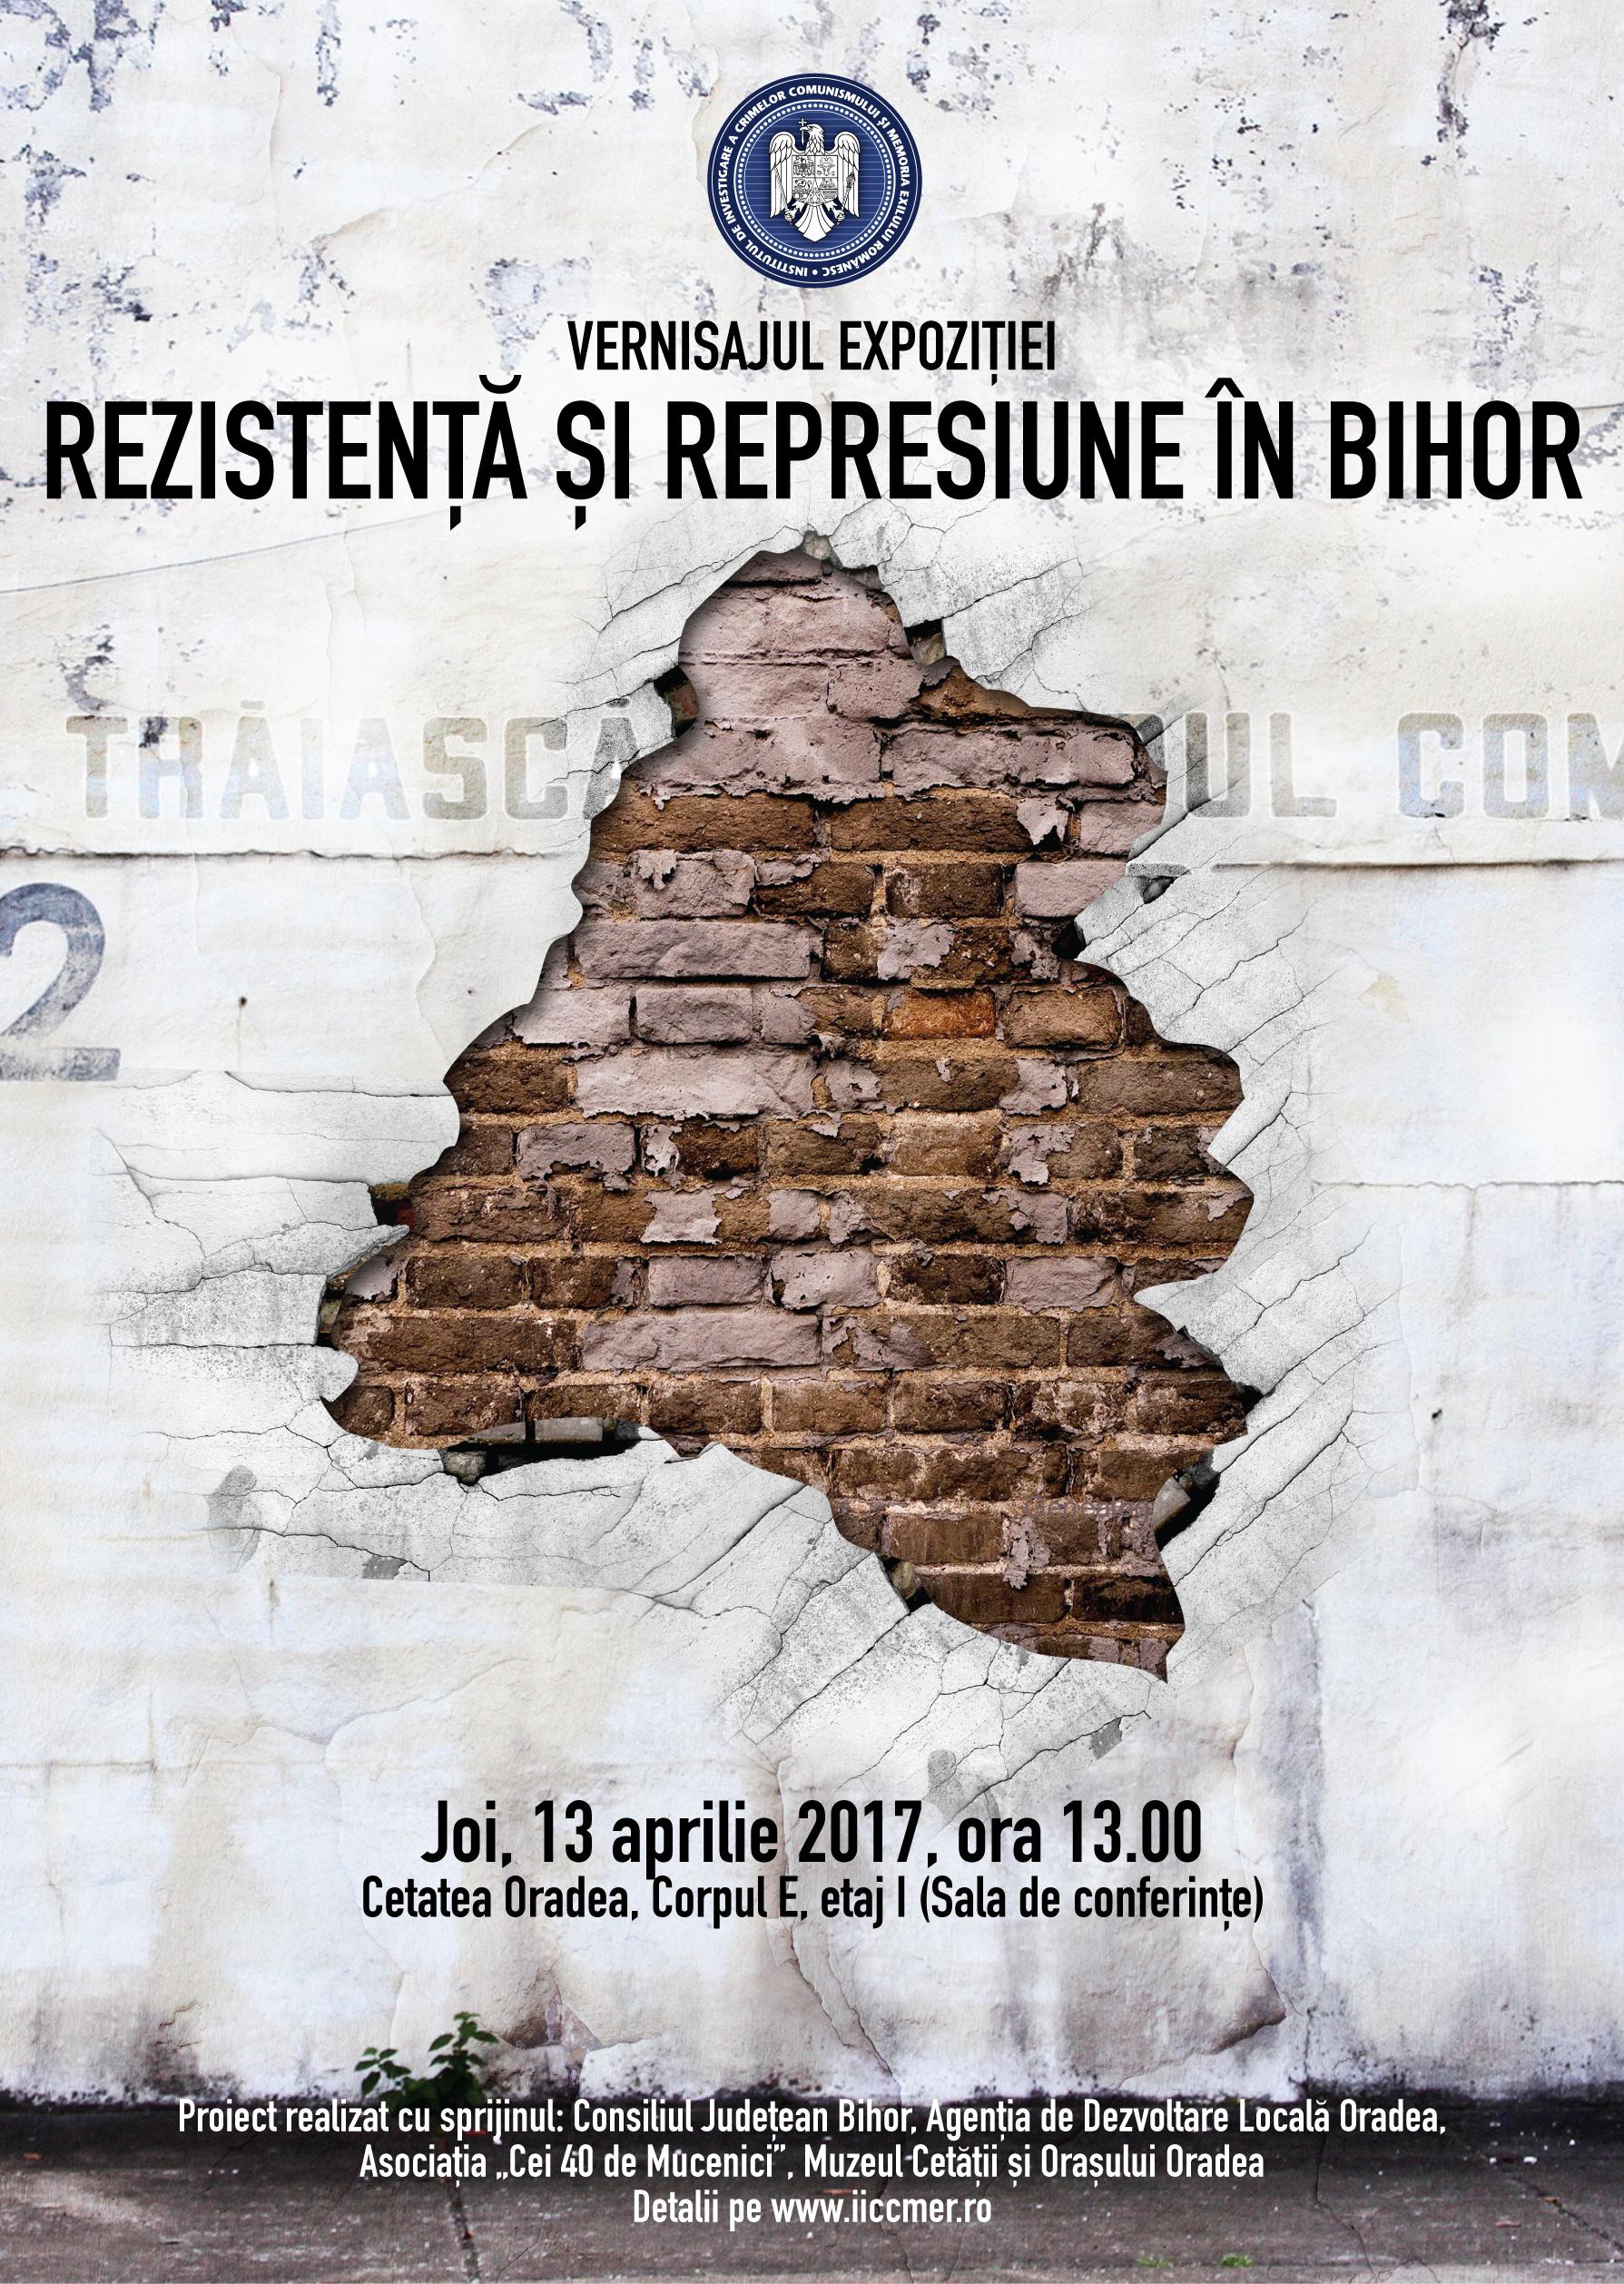 expozitie Rezistenta si represiune in Bihor, aprilie 2017